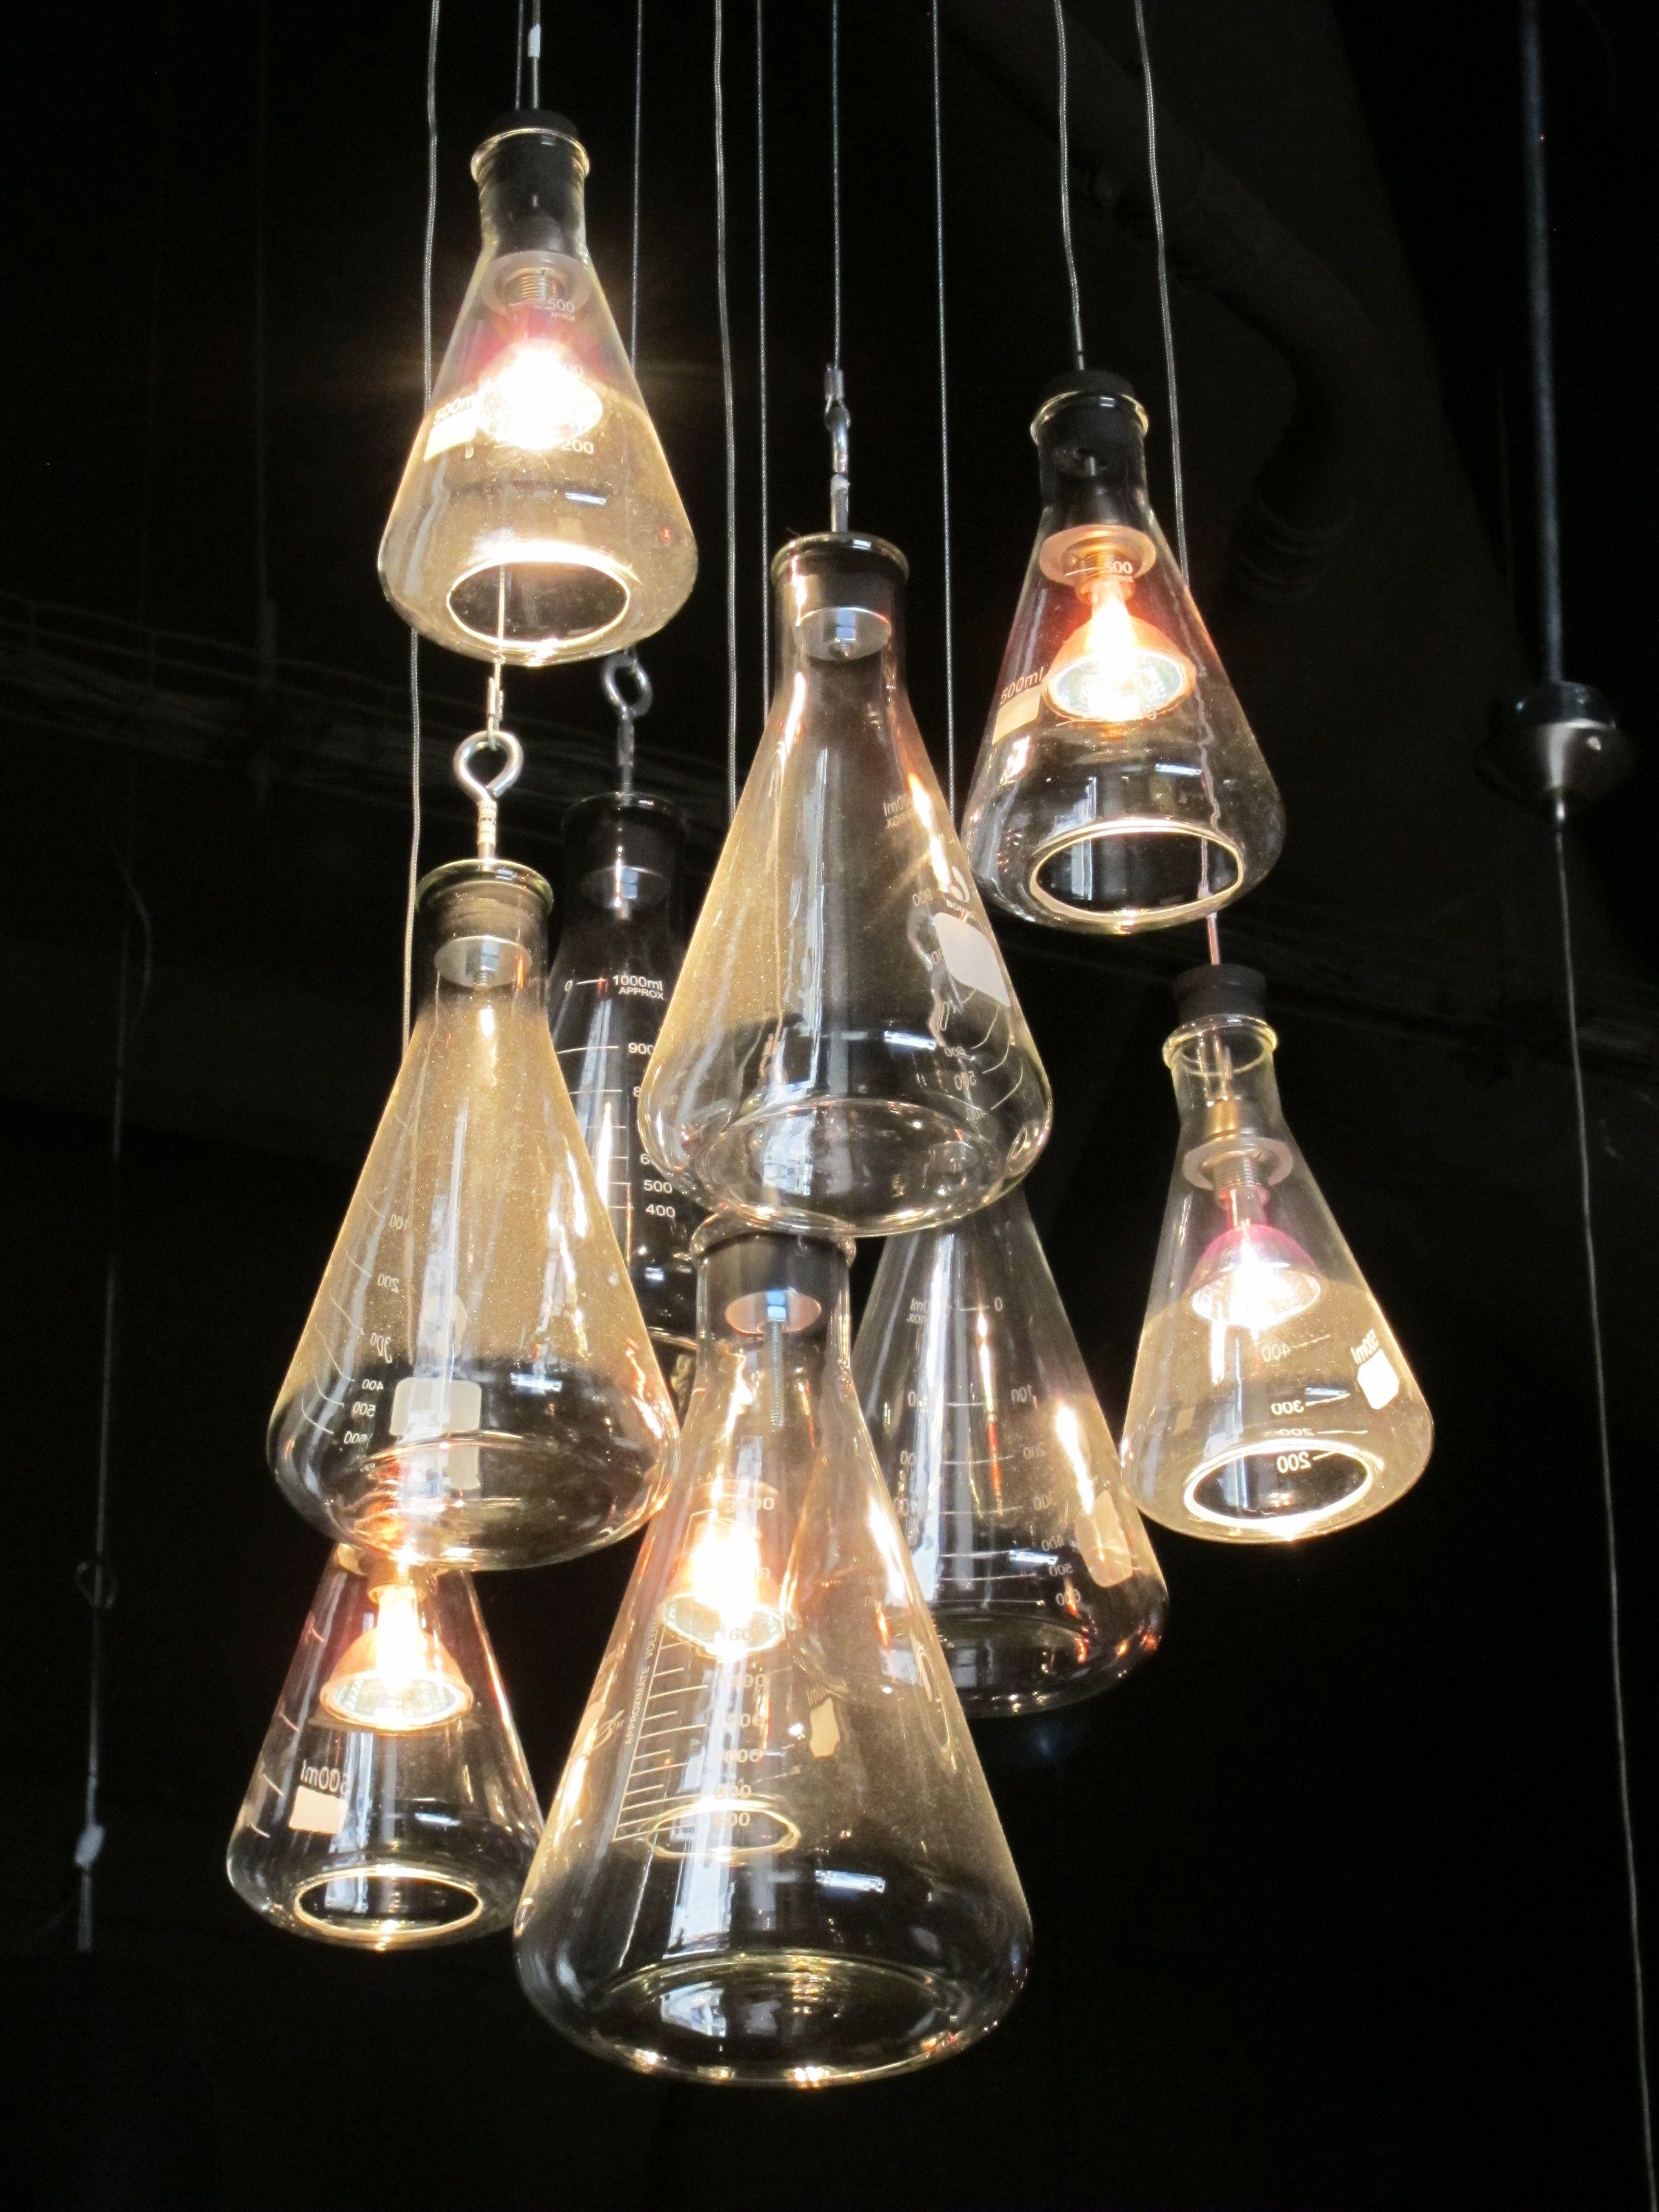 c2759fe2985bb1c9b0604e67d483e0eb Wunderbar Led Lampen E14 Warmweiß Dekorationen